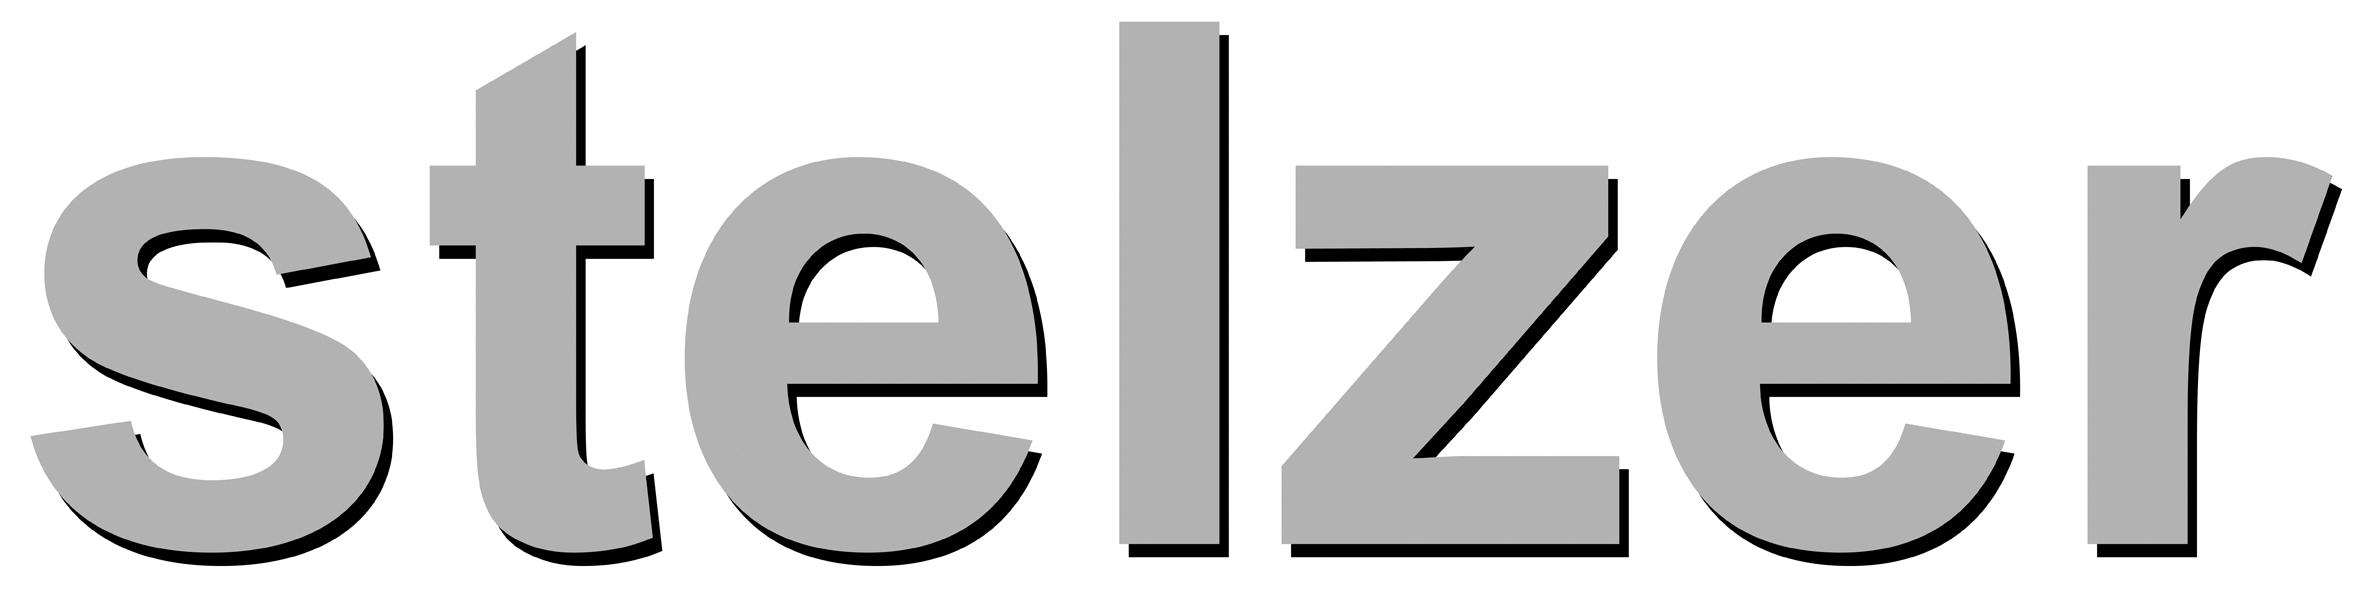 Stelzer